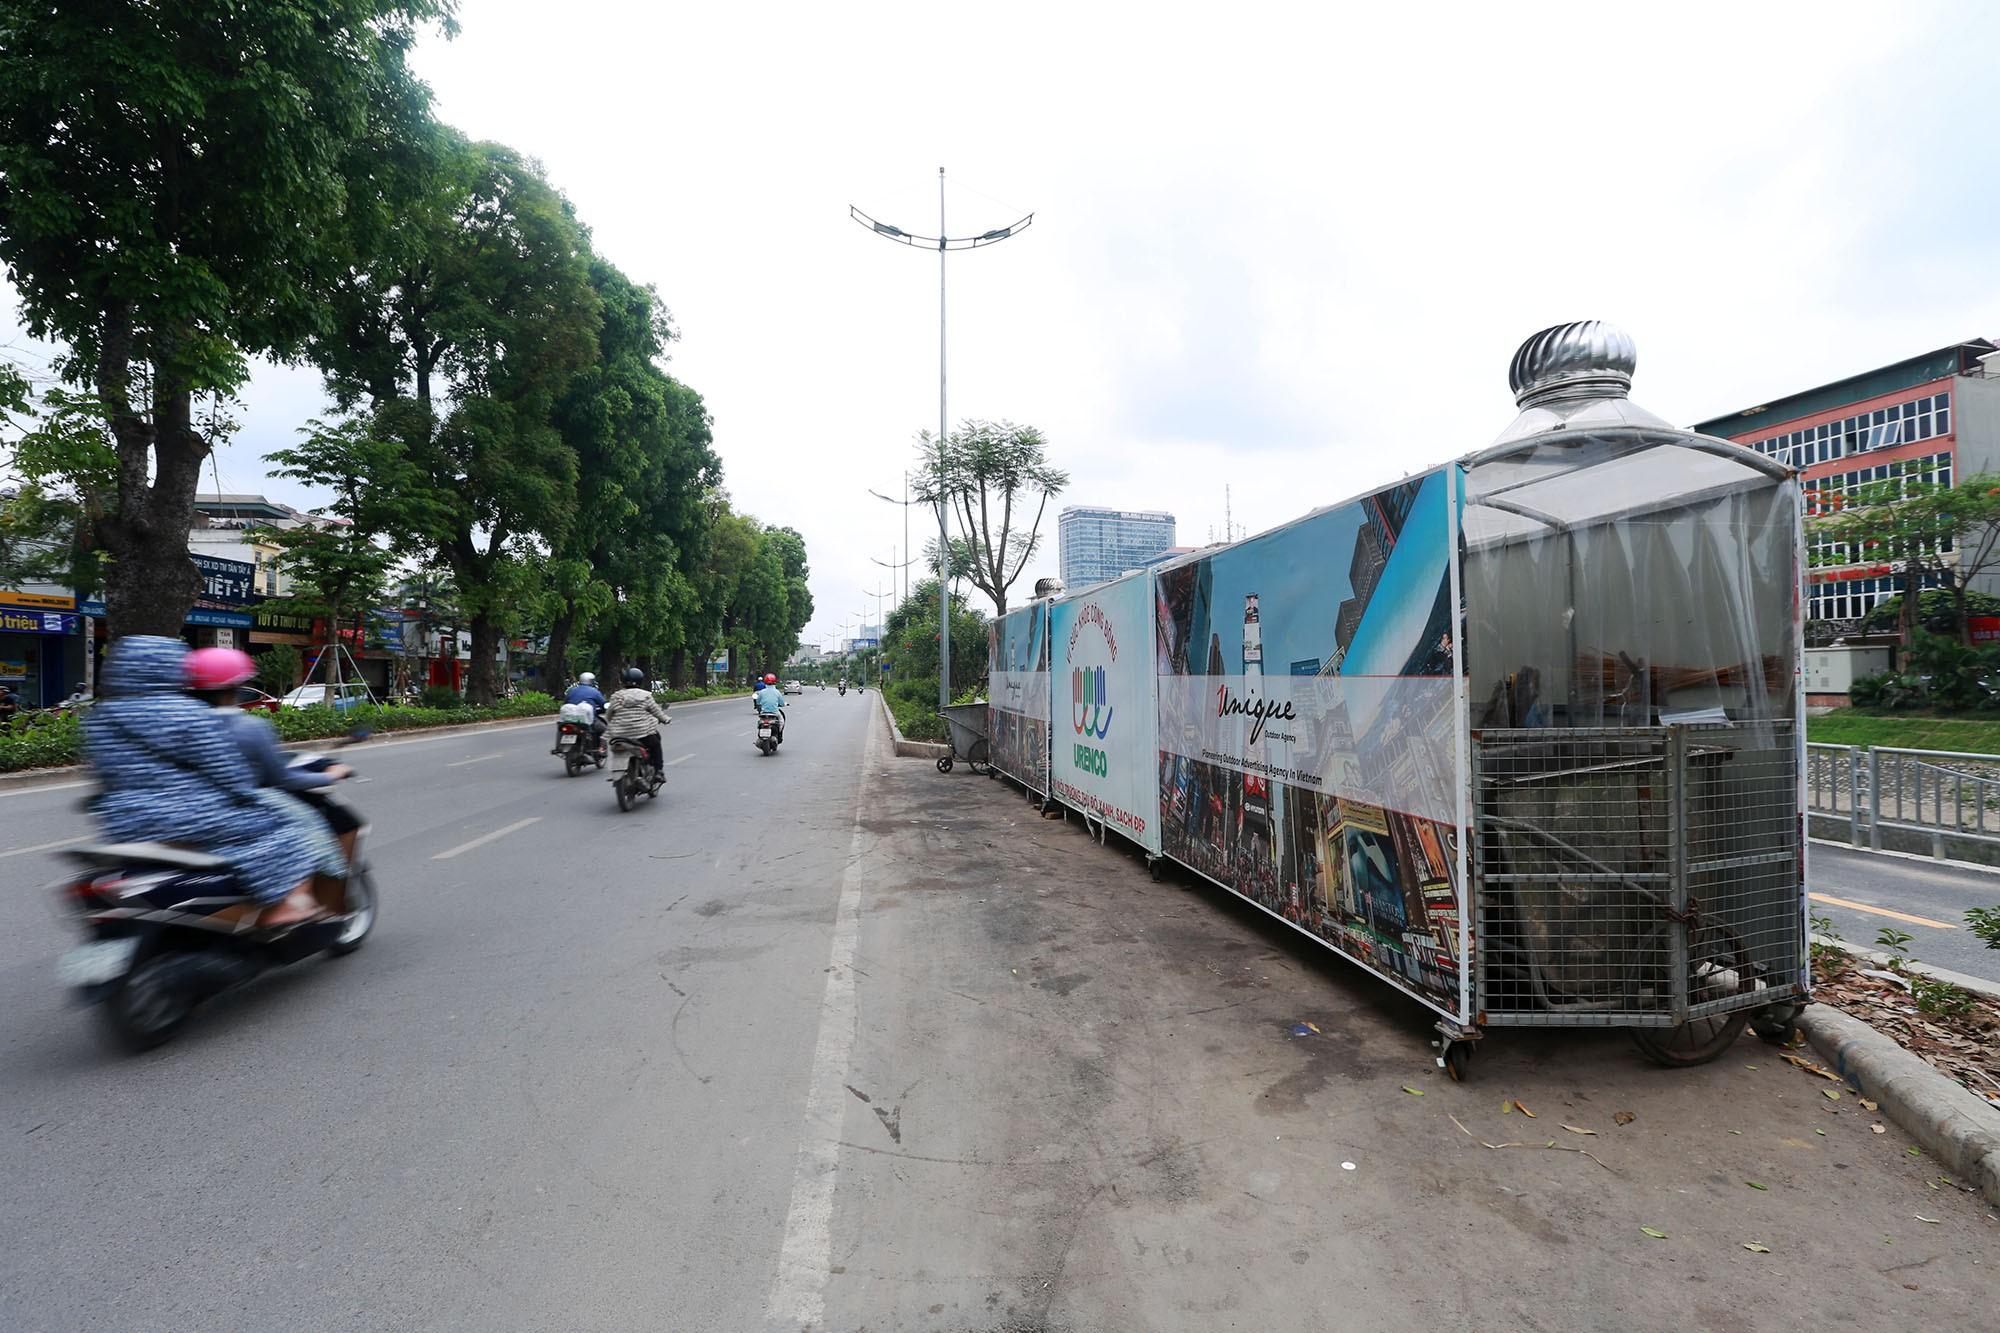 Hà Nội: Nhiều tuyến đường trang bị nhà ở di động cho xe đẩy rác - Ảnh 1.